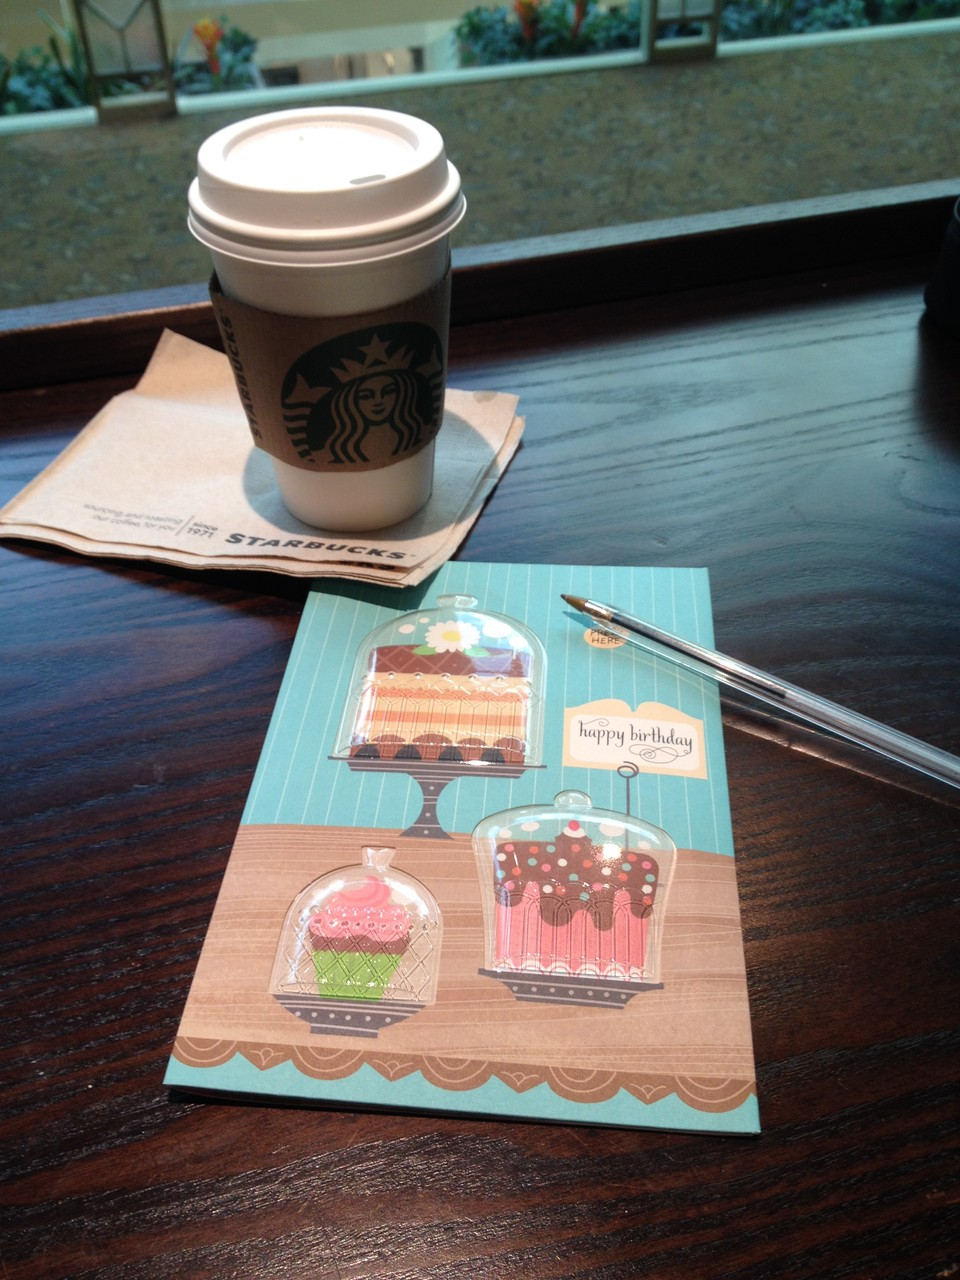 Geburtstagskarte schreiben bei einem Kaffee...für wen die wohl ist...?